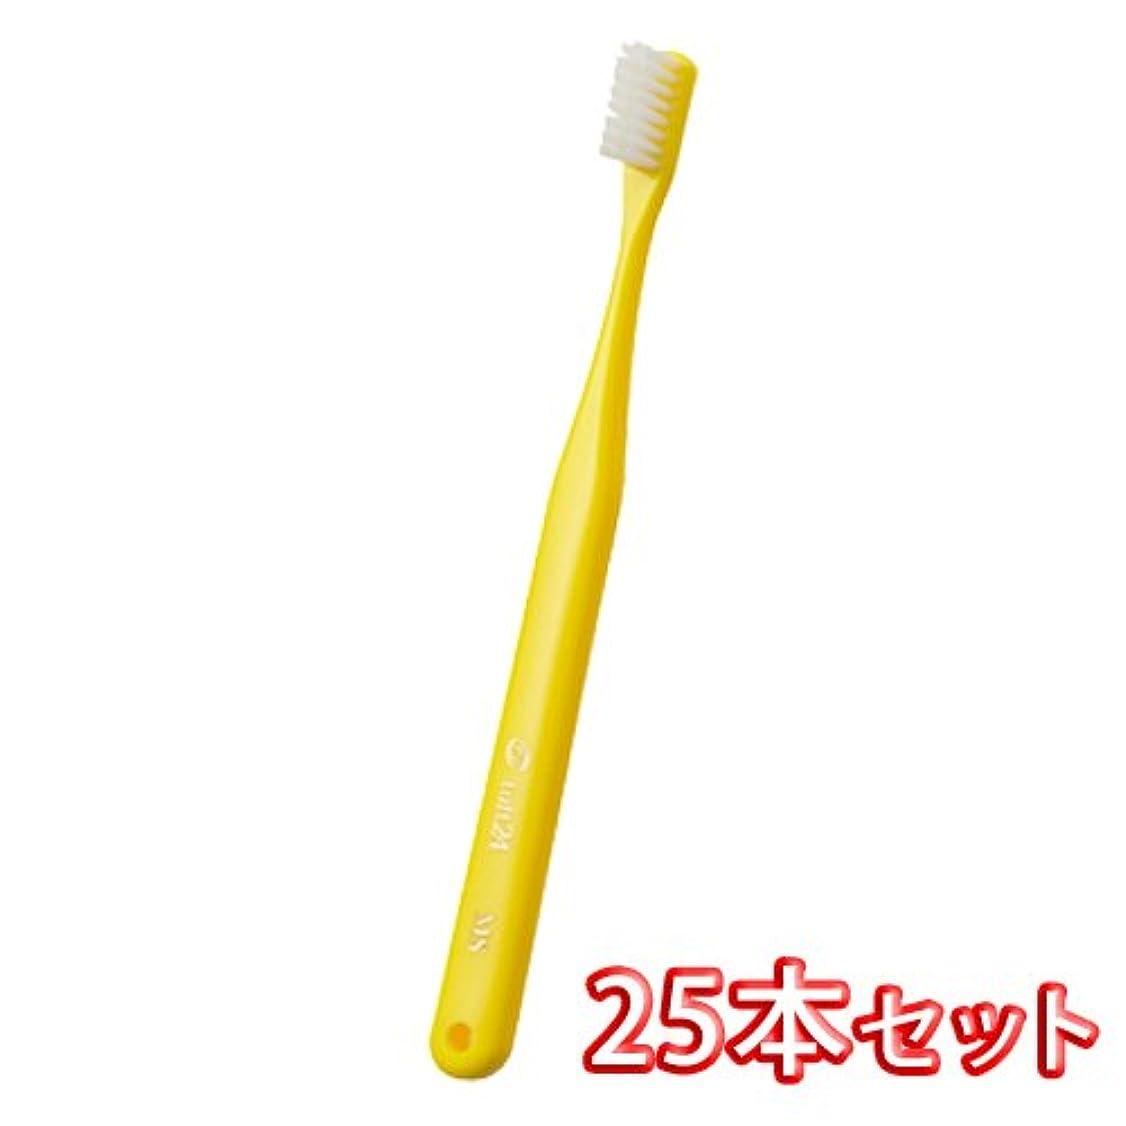 雄弁な検閲処理オーラルケア キャップ付き タフト 24歯ブラシ 25本入 ミディアム M (イエロー)